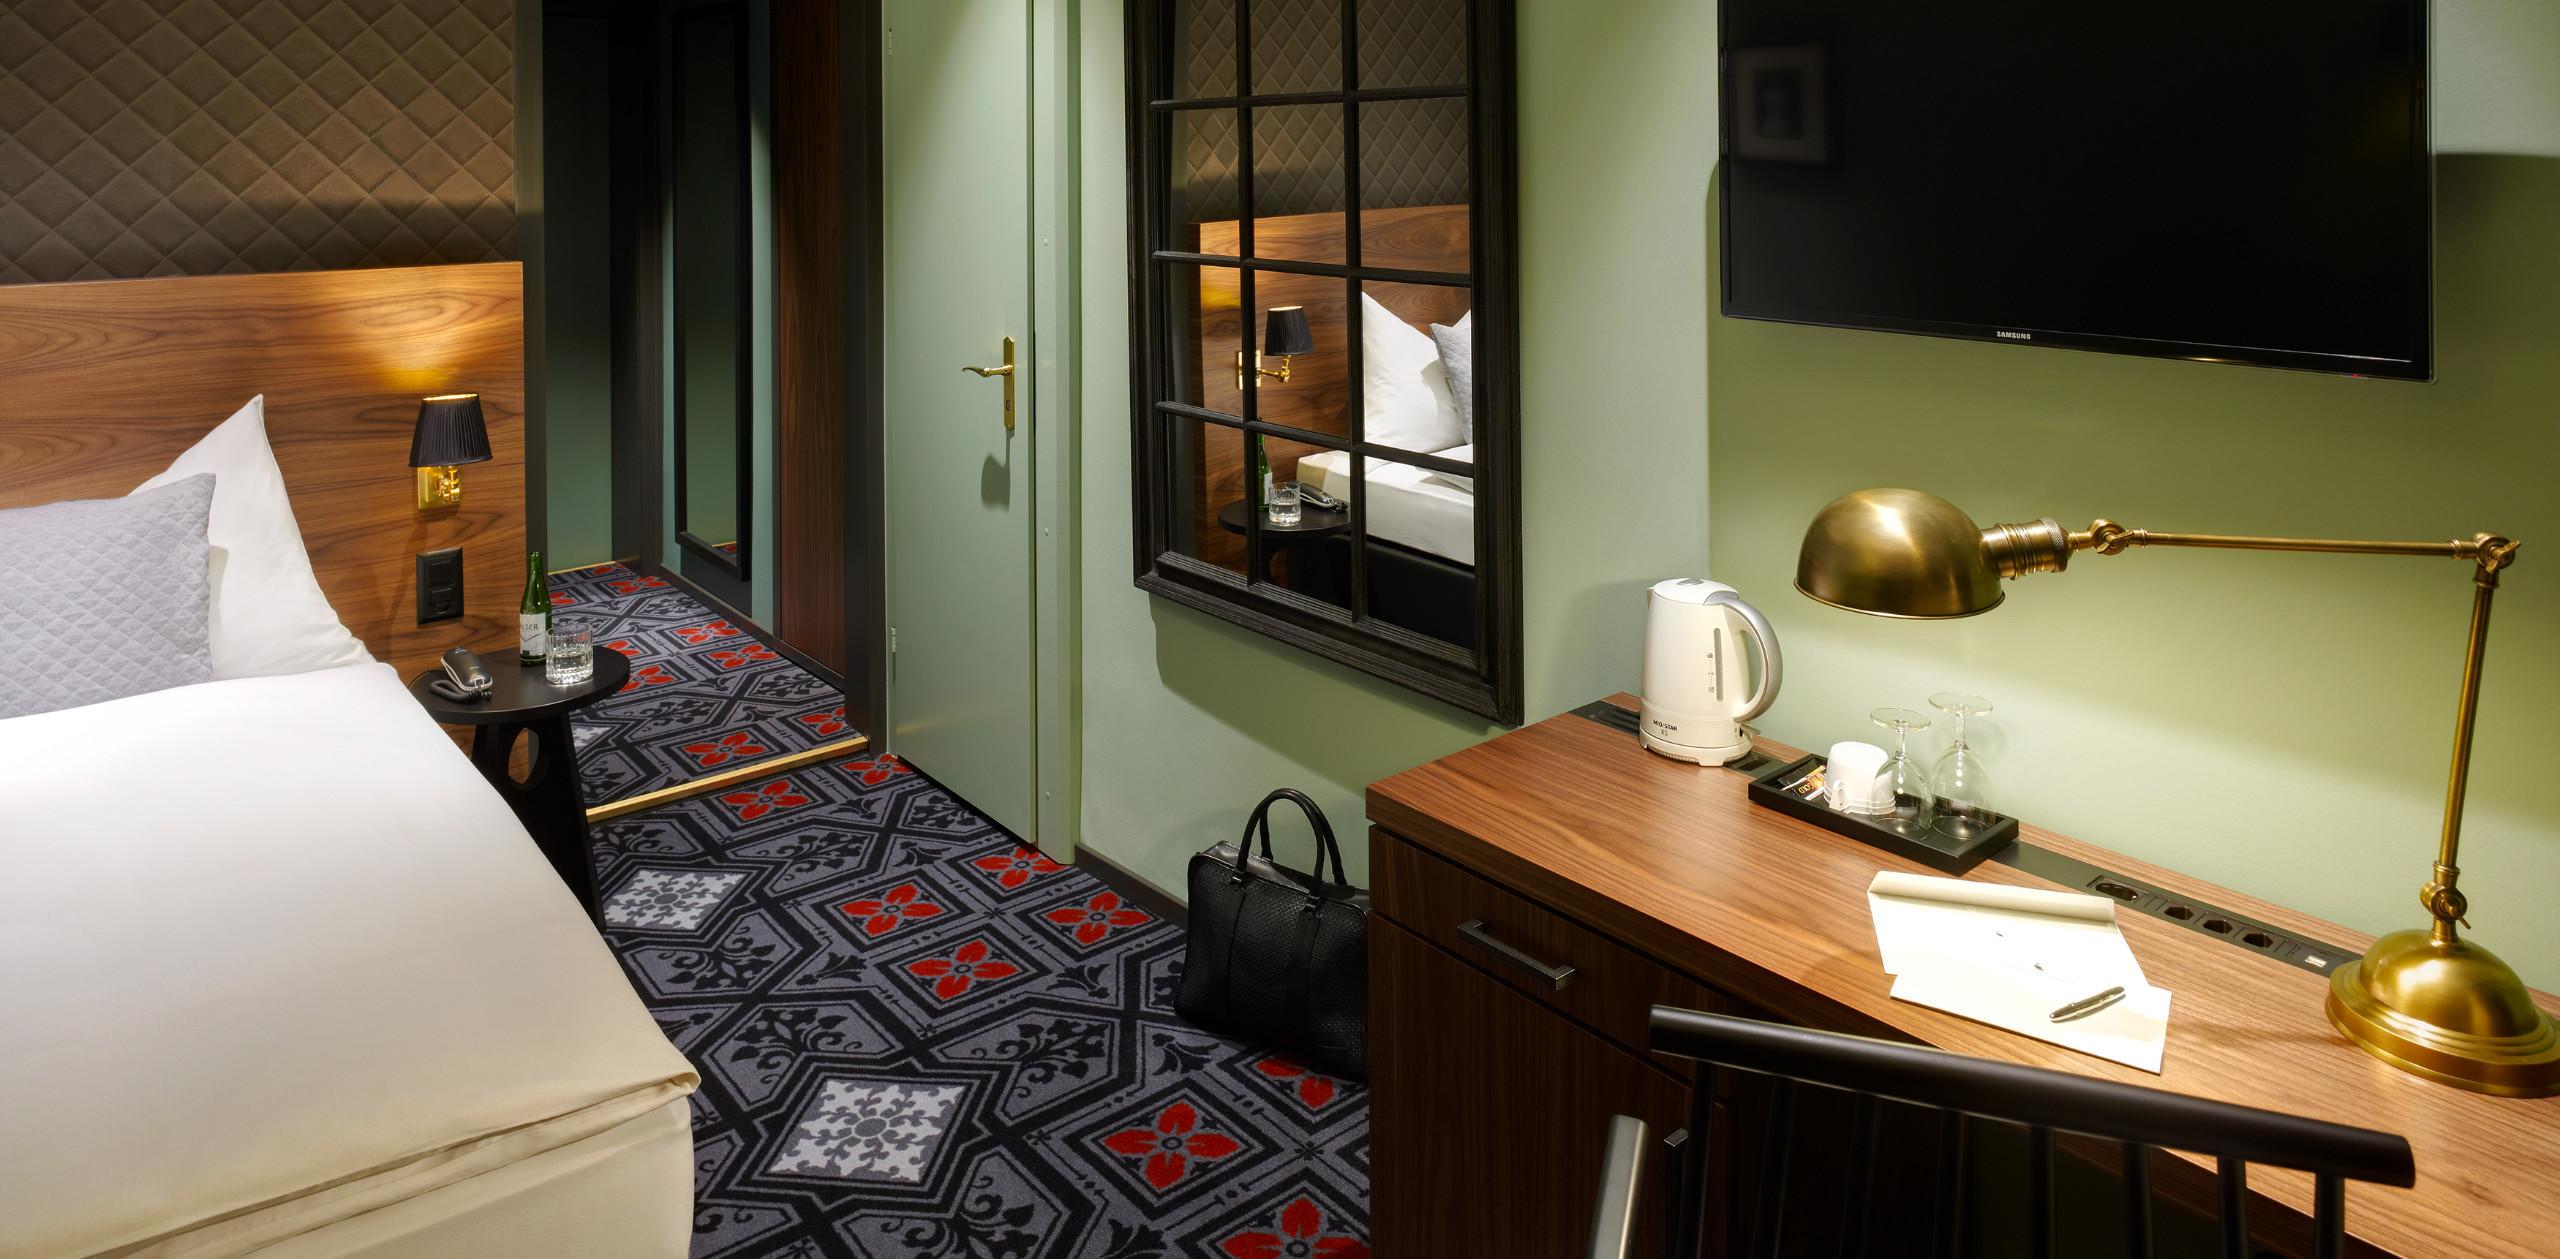 Einzelzimmer Economy - Hotel City Zürich ***Superior Boutique Hotel